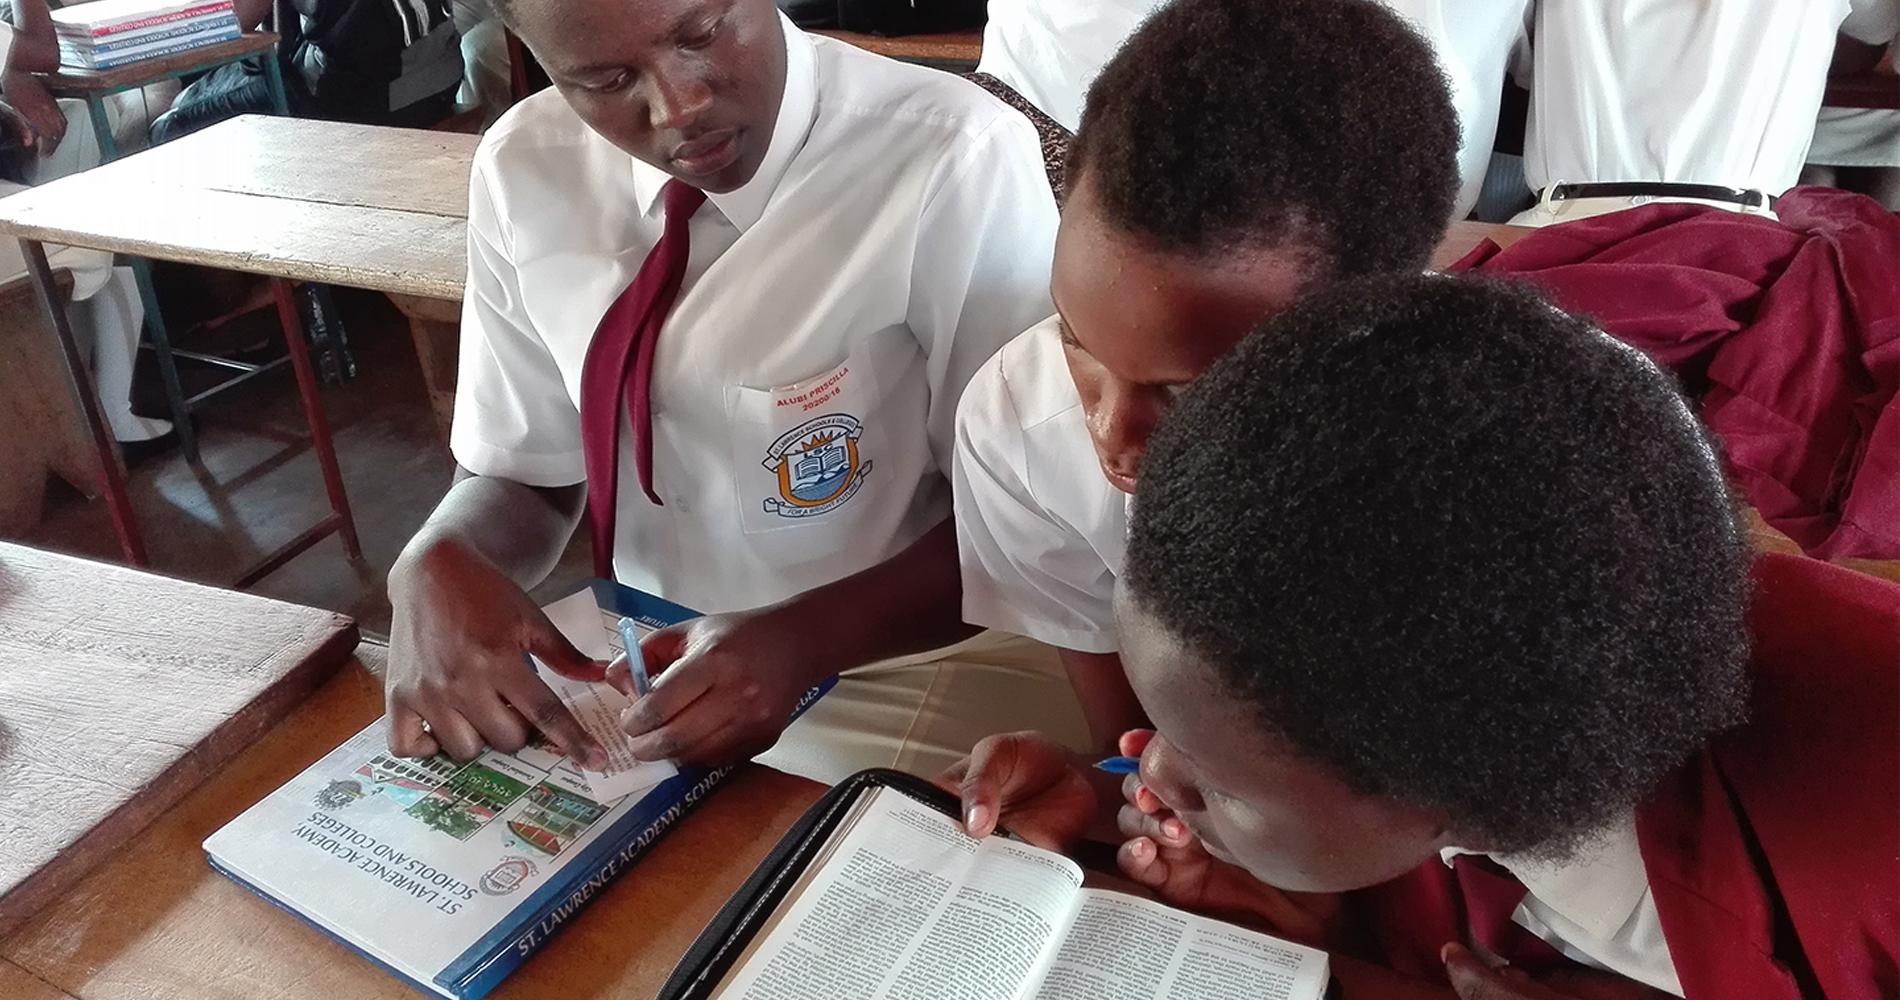 High school Bible Clubs